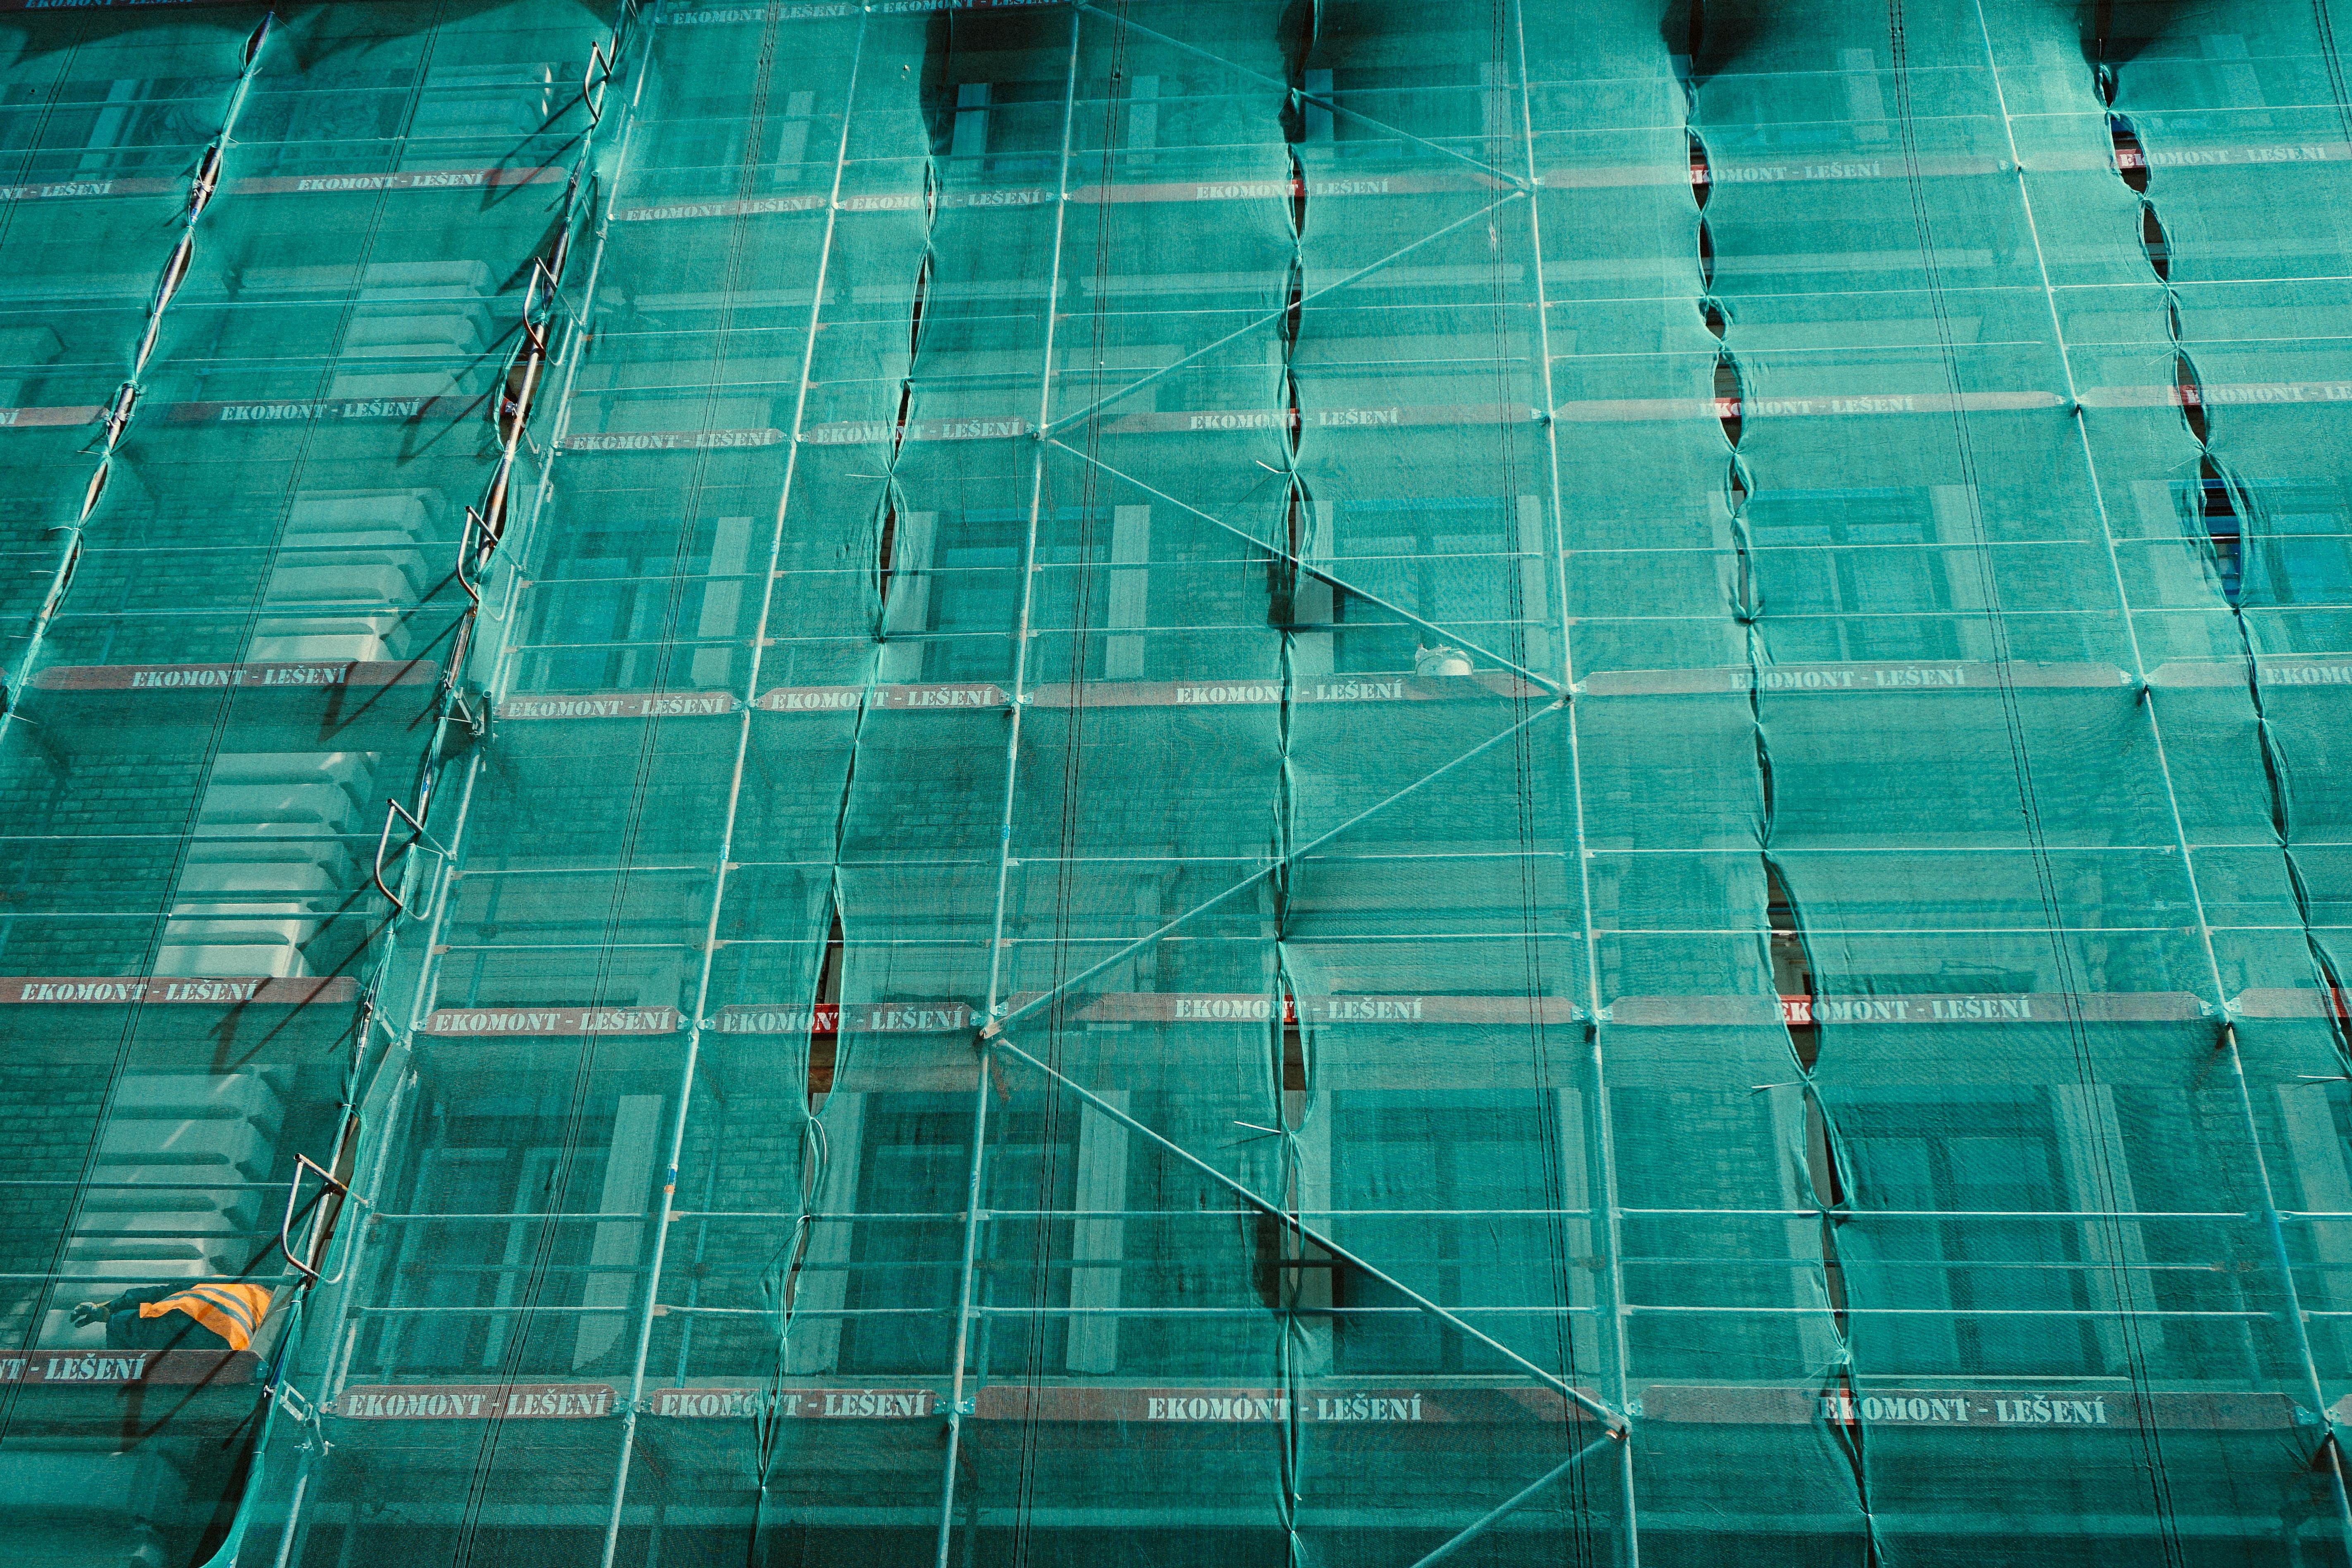 Free Images : texture, floor, glass, building, skyscraper